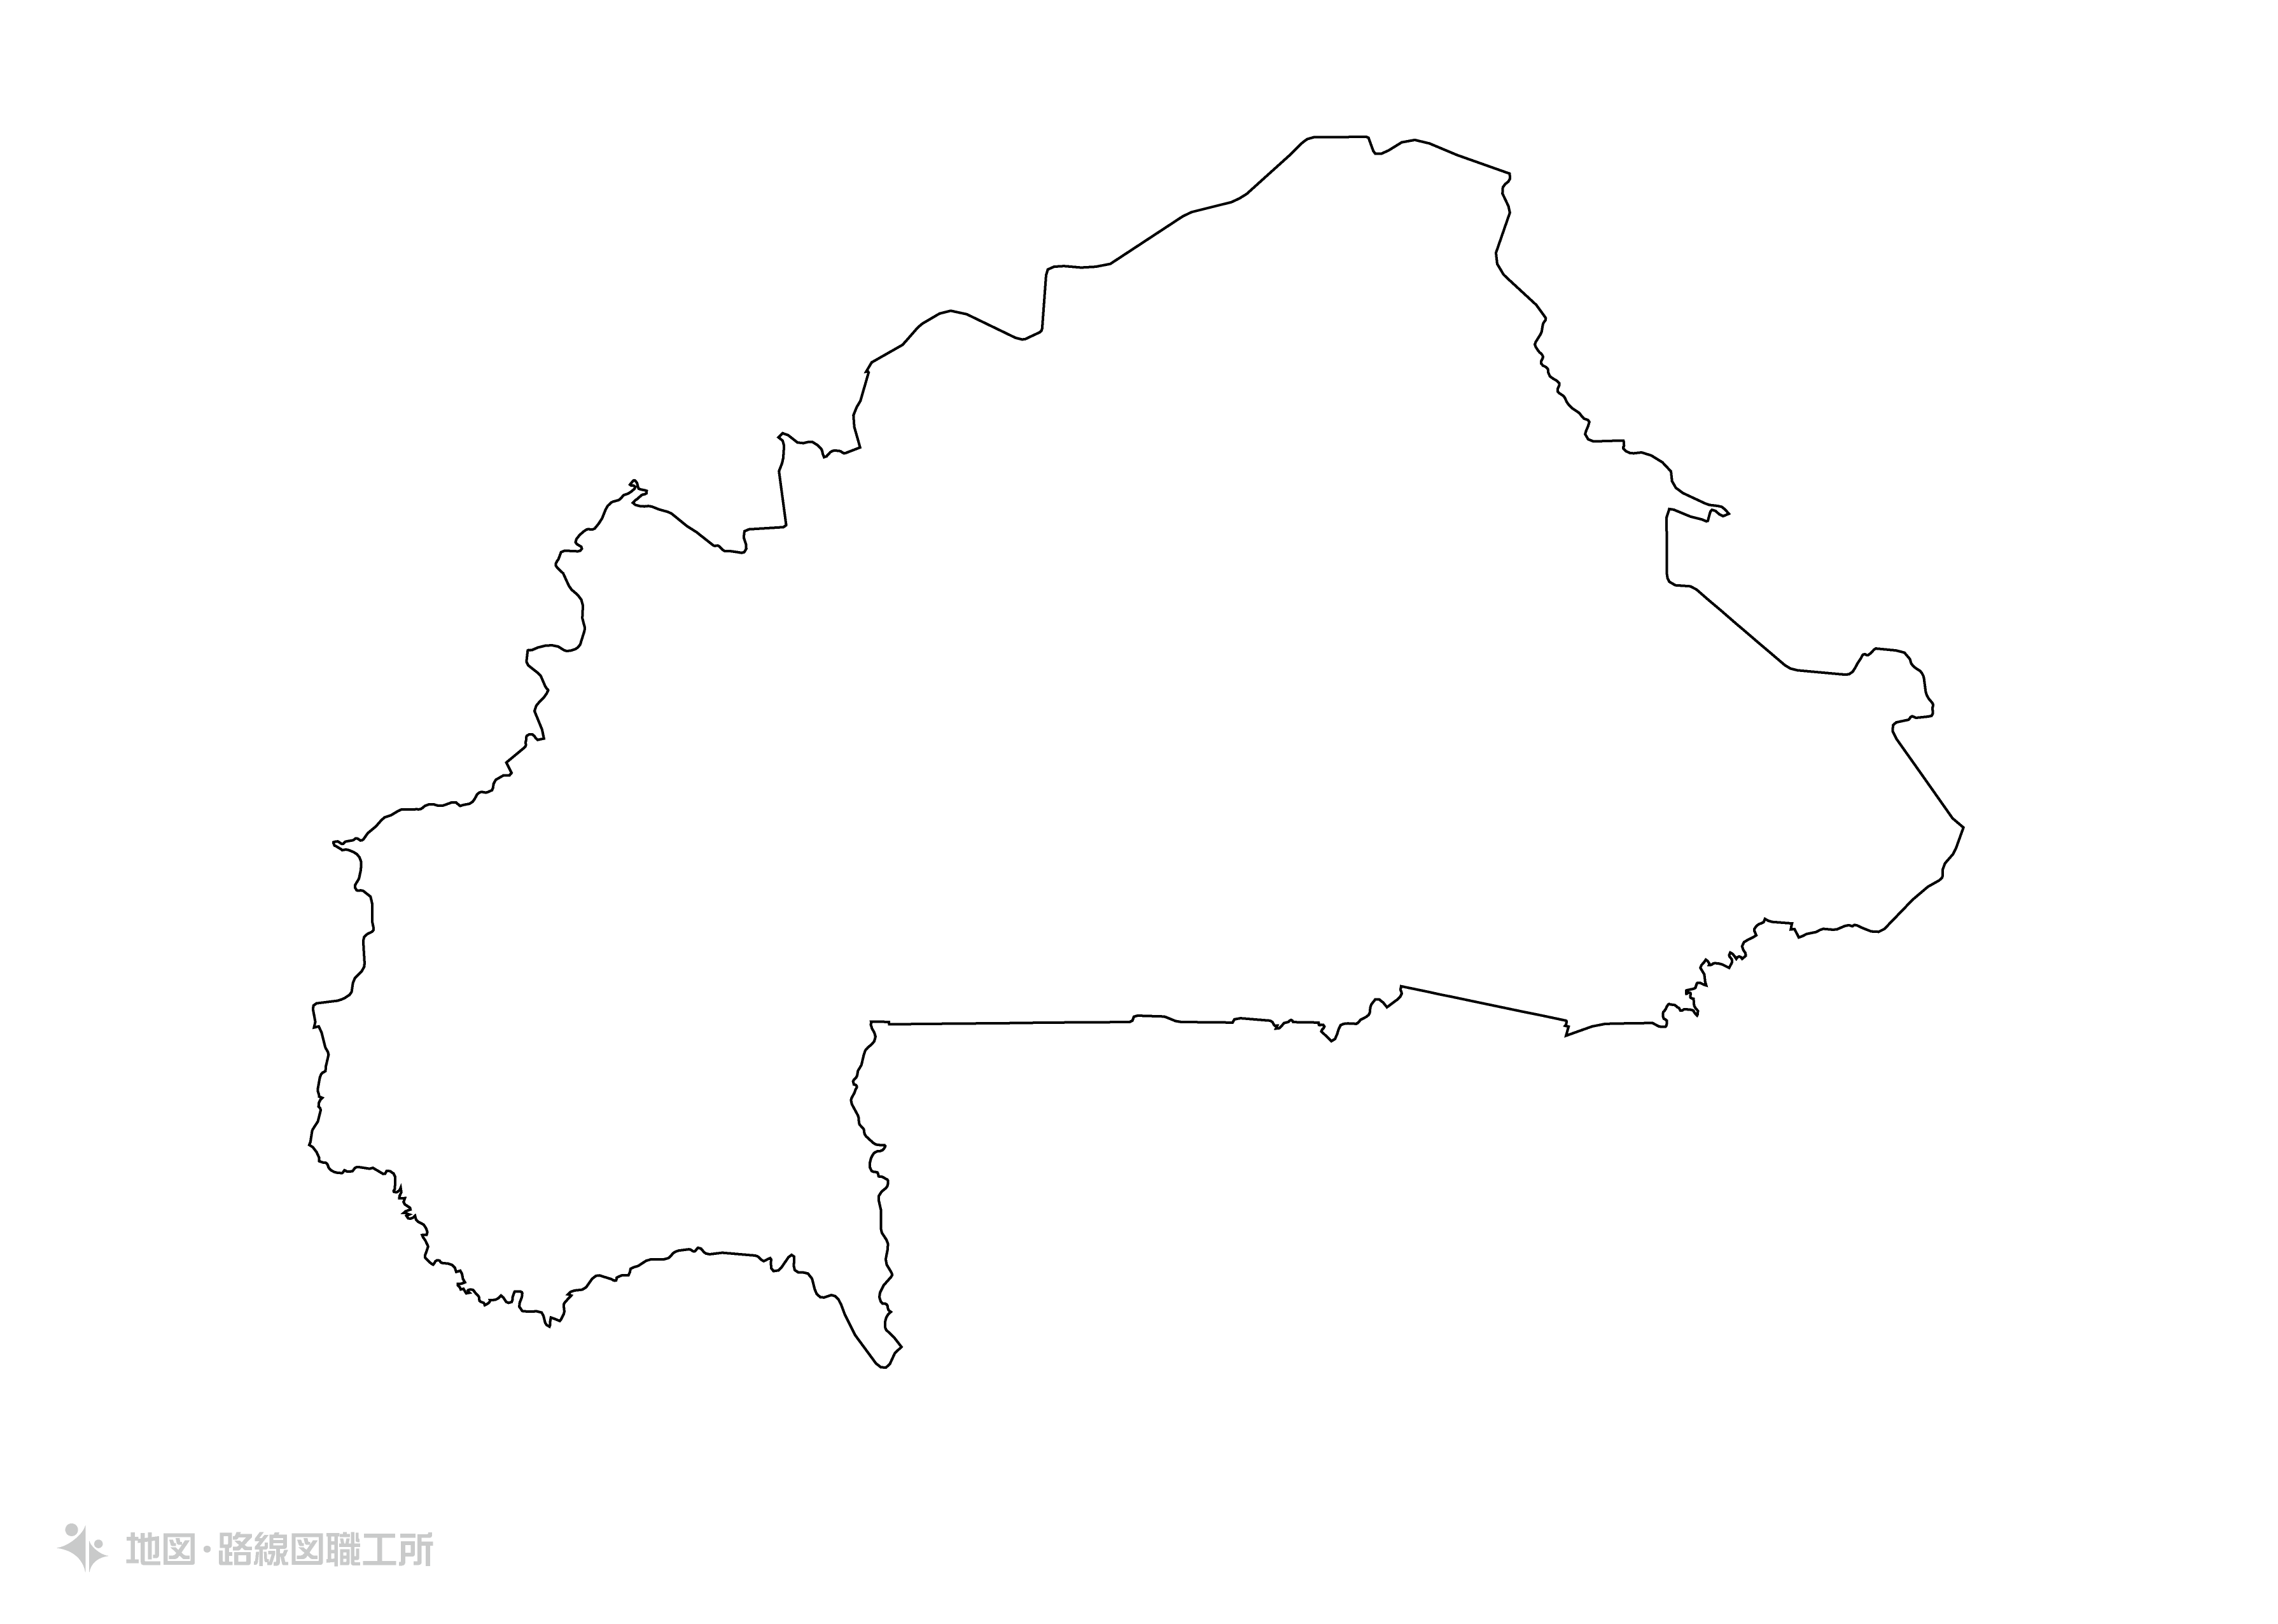 世界の白地図 ブルキナファソ burkina-faso map